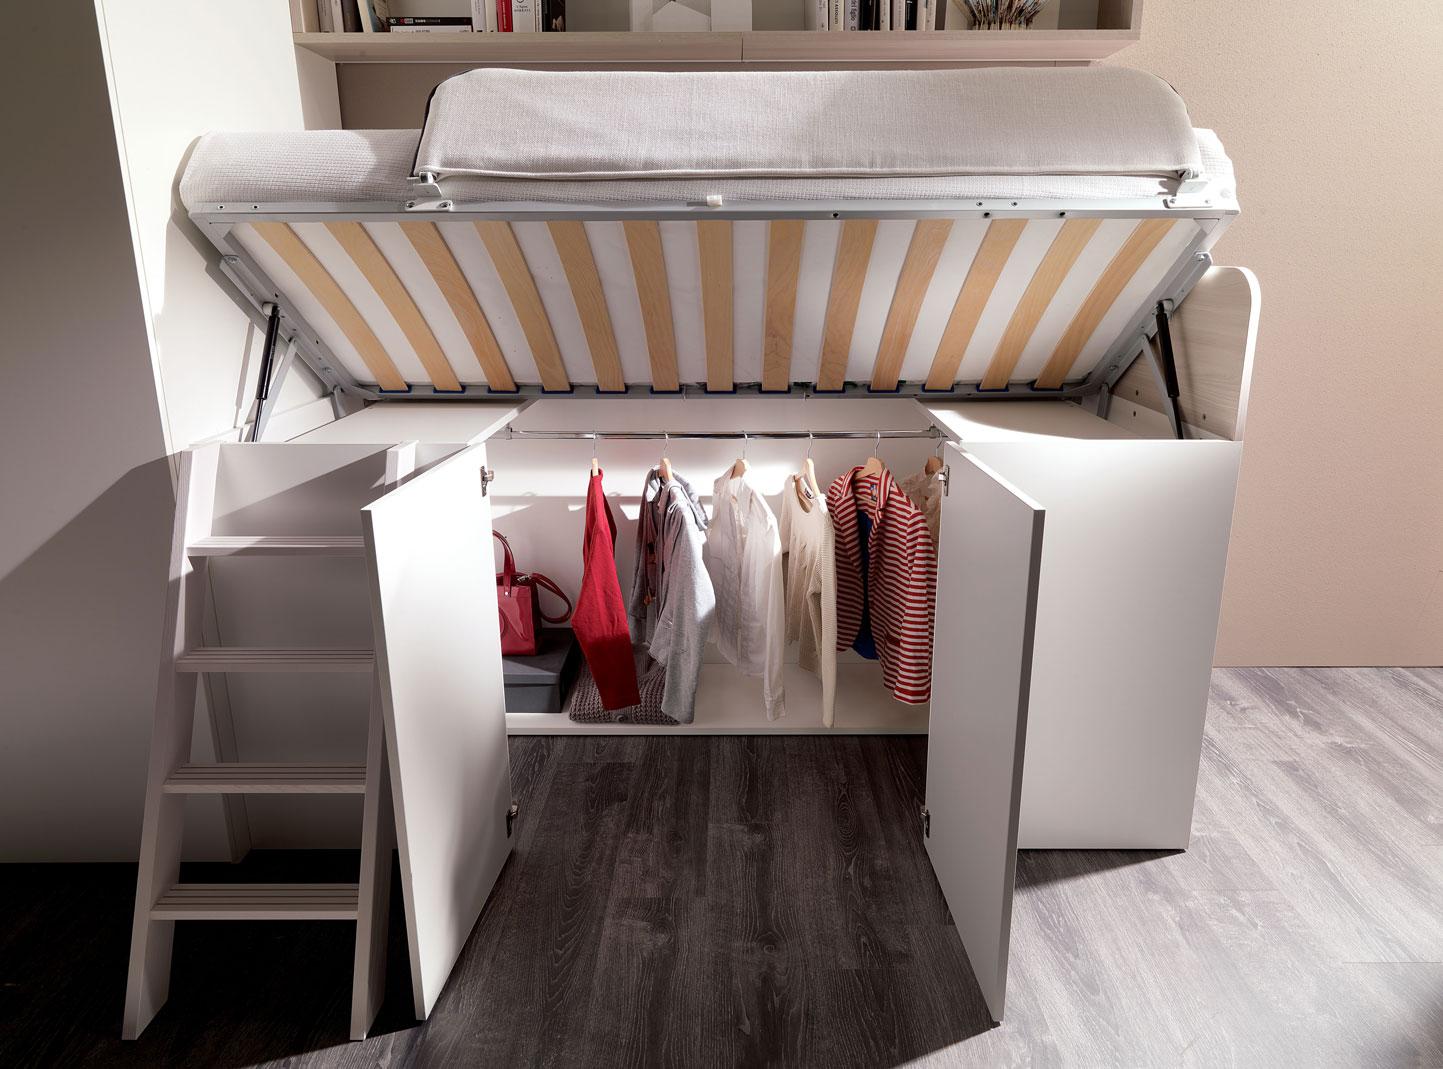 Soluzioni salvaspazio spaziojunior - Soluzioni salvaspazio camera da letto ...